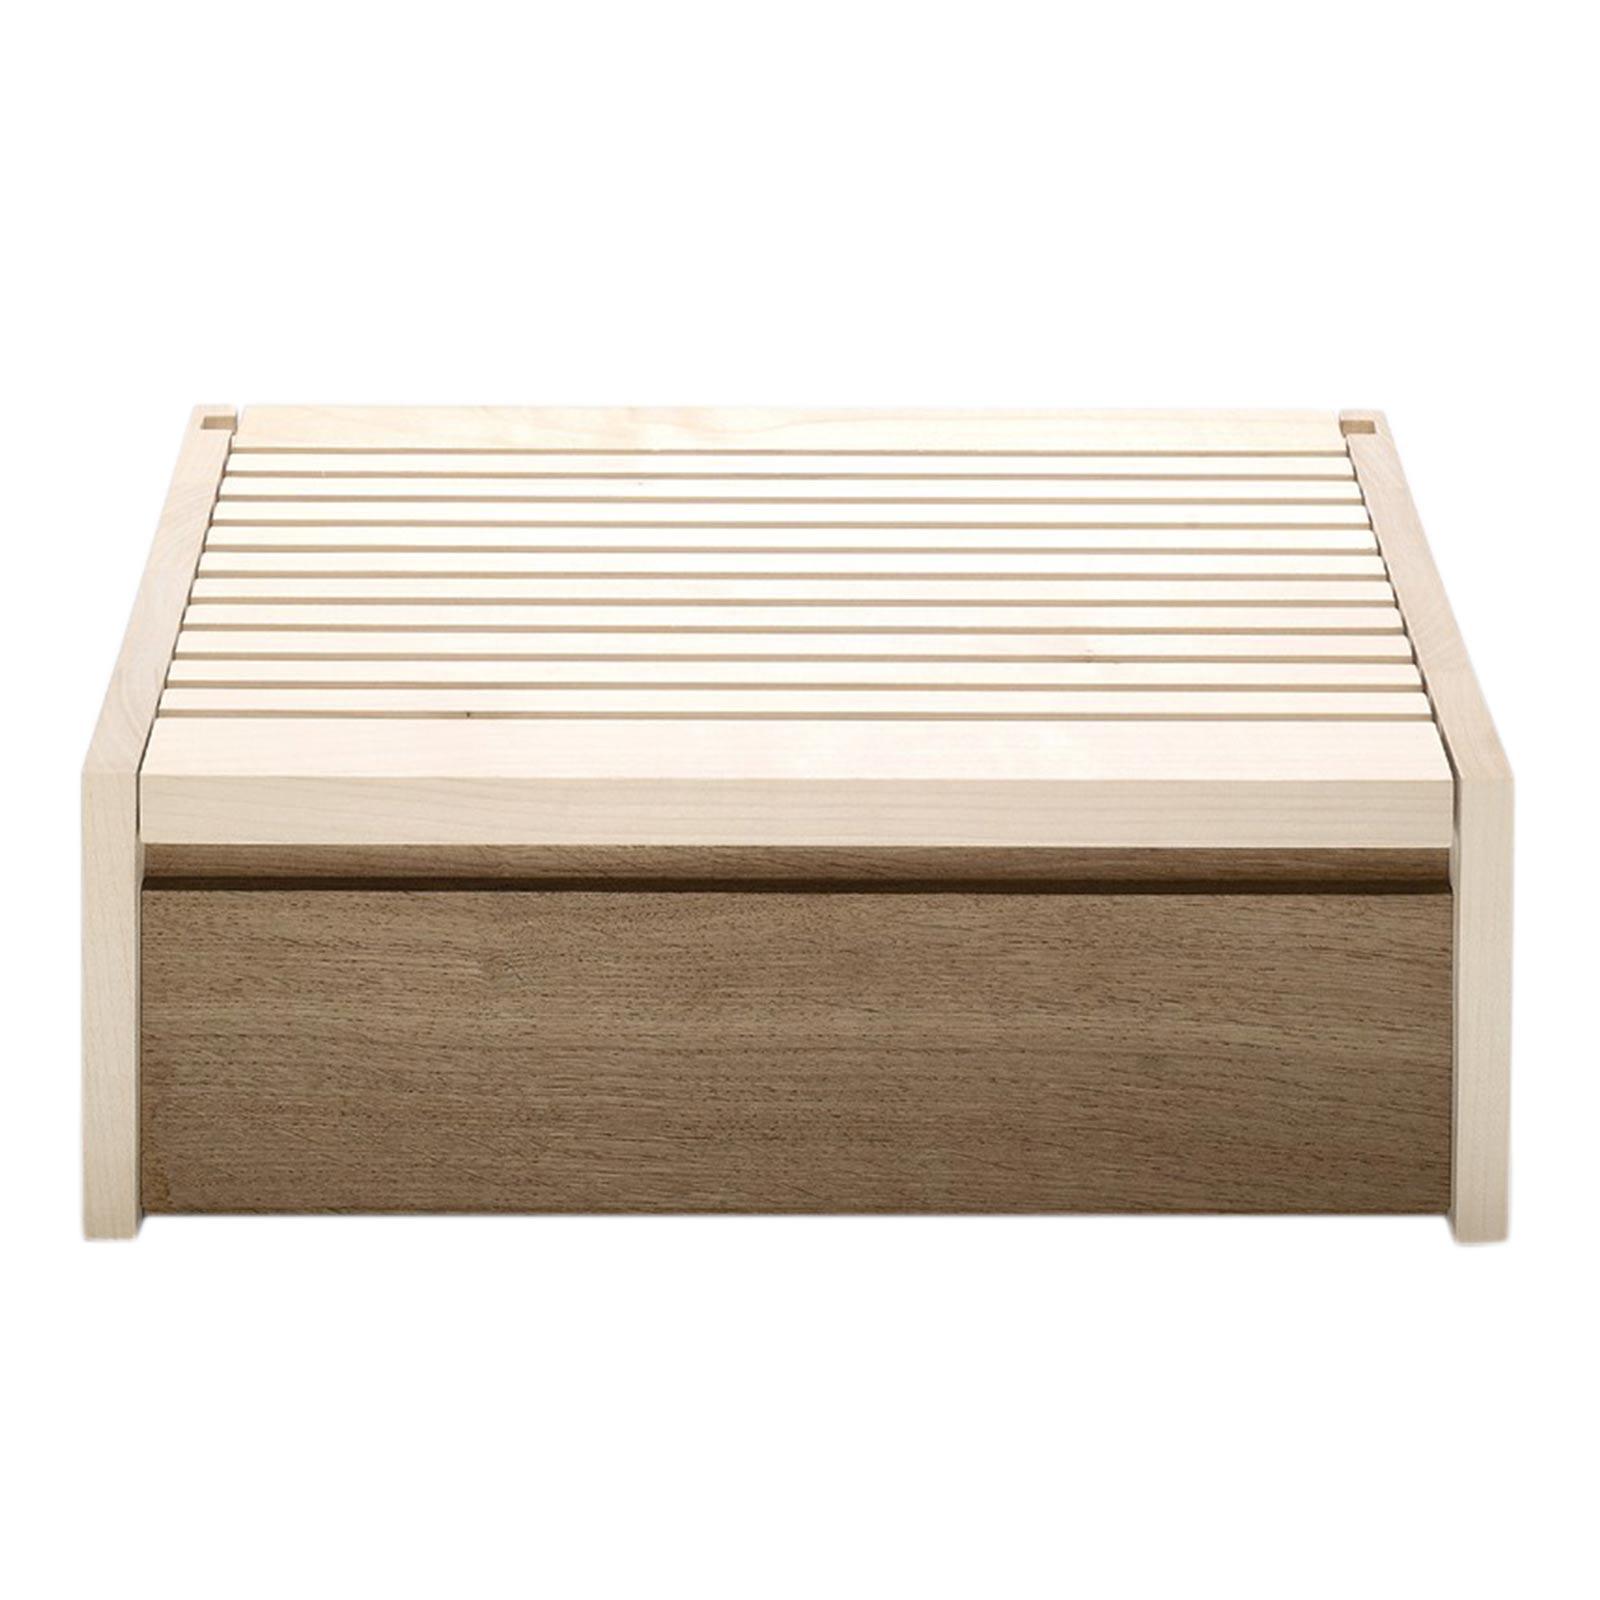 brotkasten aus holz kaufen bio und unbehandelt purenature. Black Bedroom Furniture Sets. Home Design Ideas